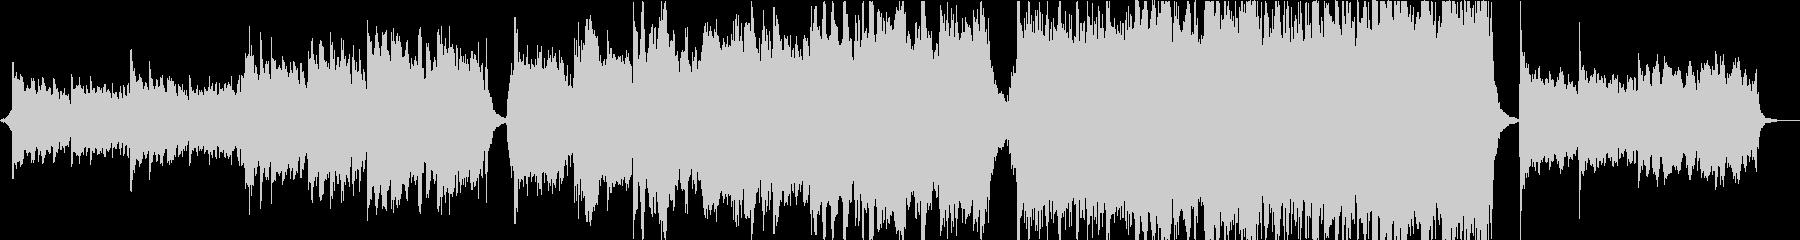 パワフルで切ないオーケストラエピックの未再生の波形